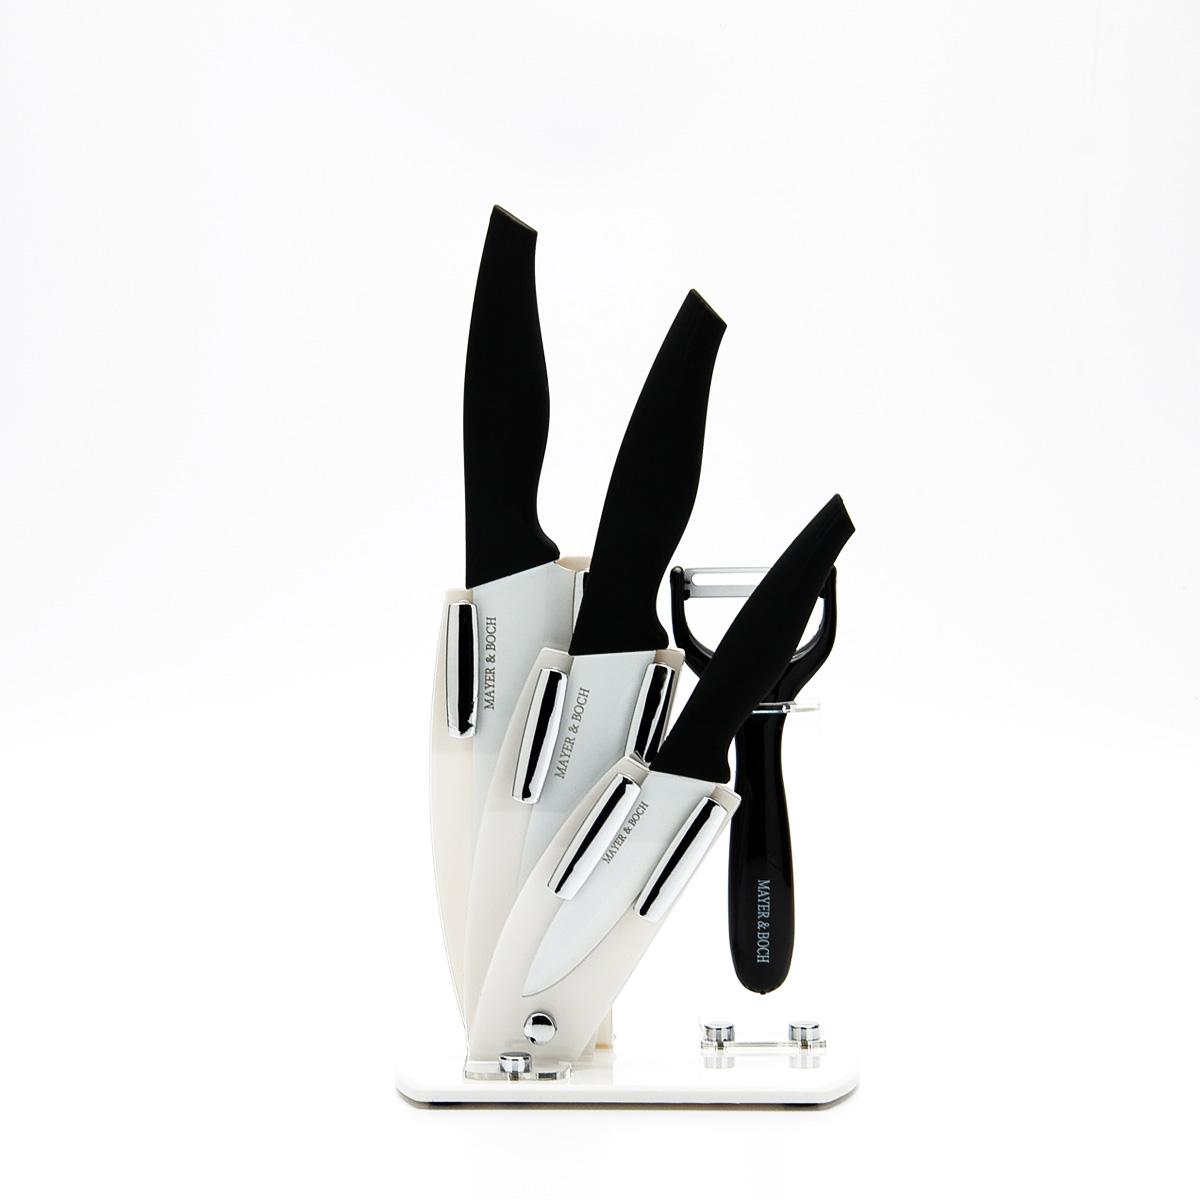 Набор ножей Mayer & Boch, 5 предметов. 2332123321Набор кухонных ножей Mayer & Boch состоит из поварского ножа, двух универсальных ножей, ножа-пиллера и подставки. Ножи выполнены из нержавеющей стали, ручки из полипропилена и каучука. Ножи помещаются на акриловой подставке. Оригинальный набор ножей великолепно украсит интерьер кухни и станет замечательным помощником. Можно мыть в посудомоечной машине. Длина лезвия поварского ножа: 15,2 см. Общая длина поварского ножа: 27 см. Длина лезвия универсального ножа: 12,7 см. Общая длина универсального ножа: 25 см. Длина лезвия универсального ножа: 10,2 см. Общая длина универсального ножа: 21,5 см. Длина лезвия ножа-пиллера: 4 см. Общая длина ножа-пиллера: 16 см. Размер подставки (ДхШхВ): 16,5 см х 9,5 см х 19 см.